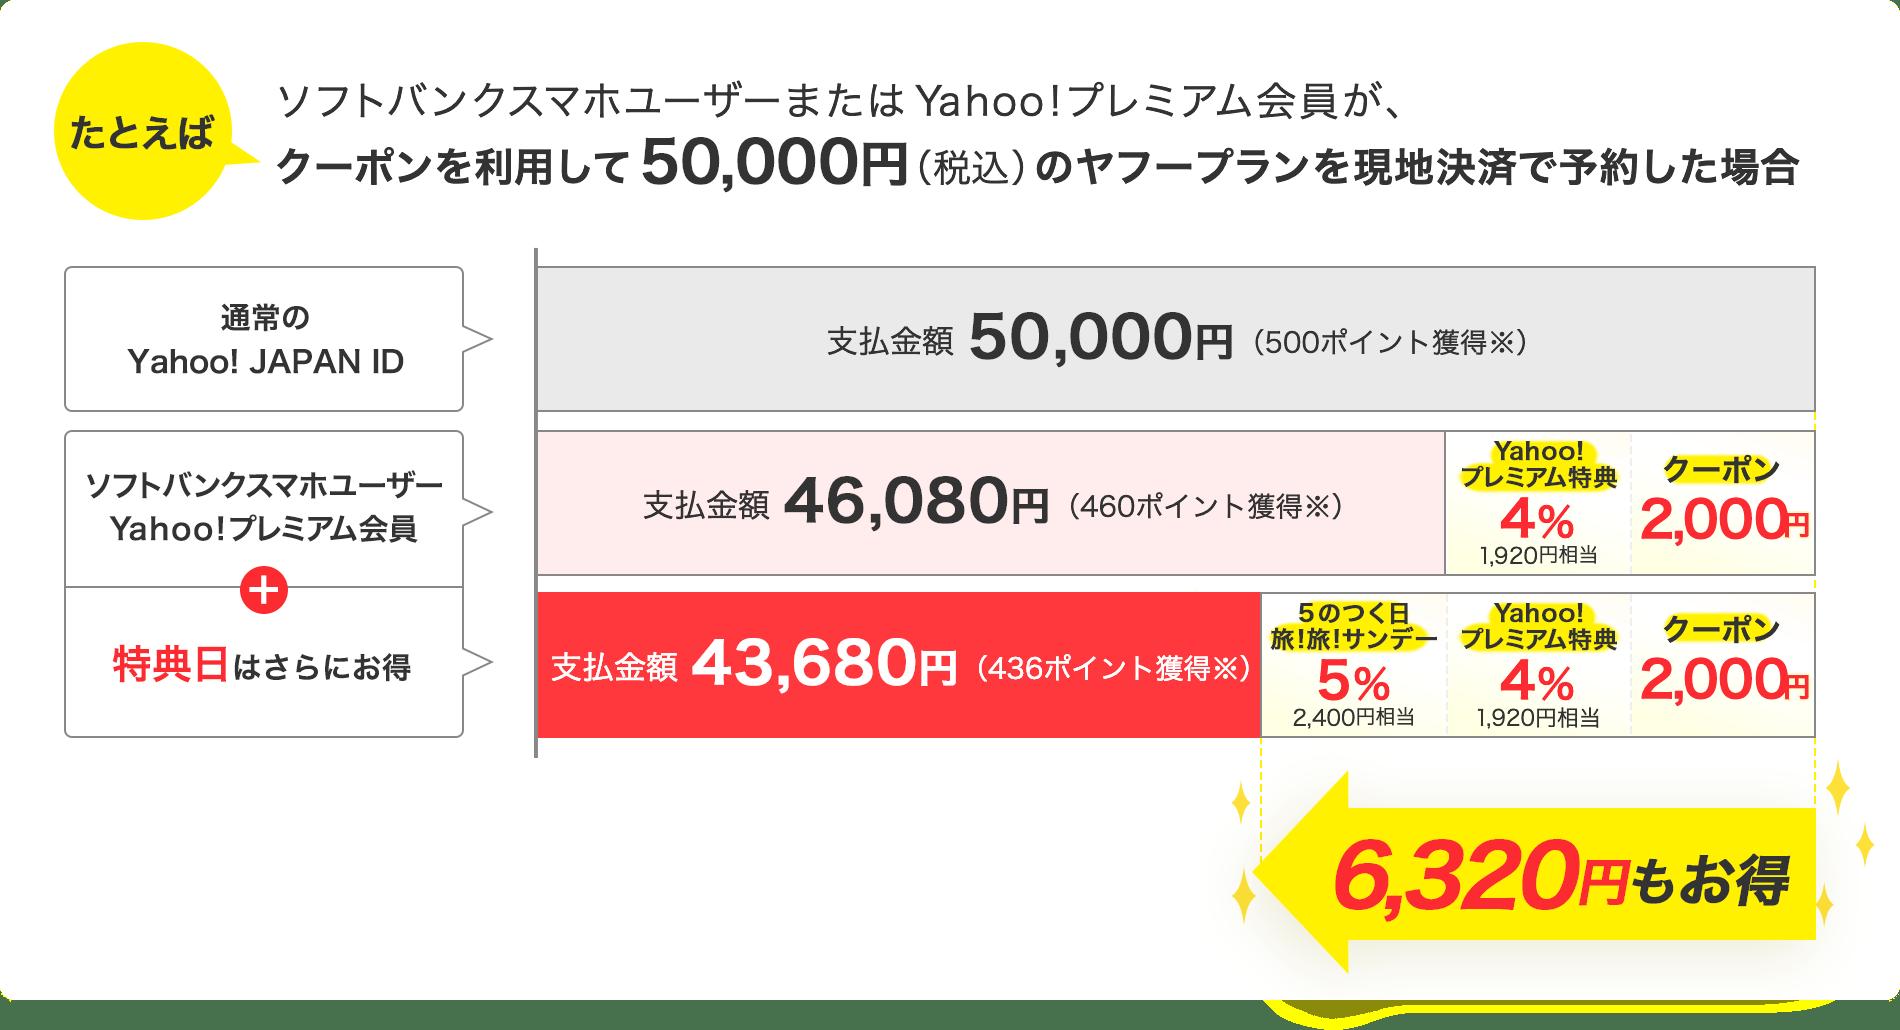 たとえばソフトバンクスマホユーザーまたは、Yahoo!プレミアム会員がクーポンを利用して、50,000円(税込)のヤフープランを現地決済で予約した場合